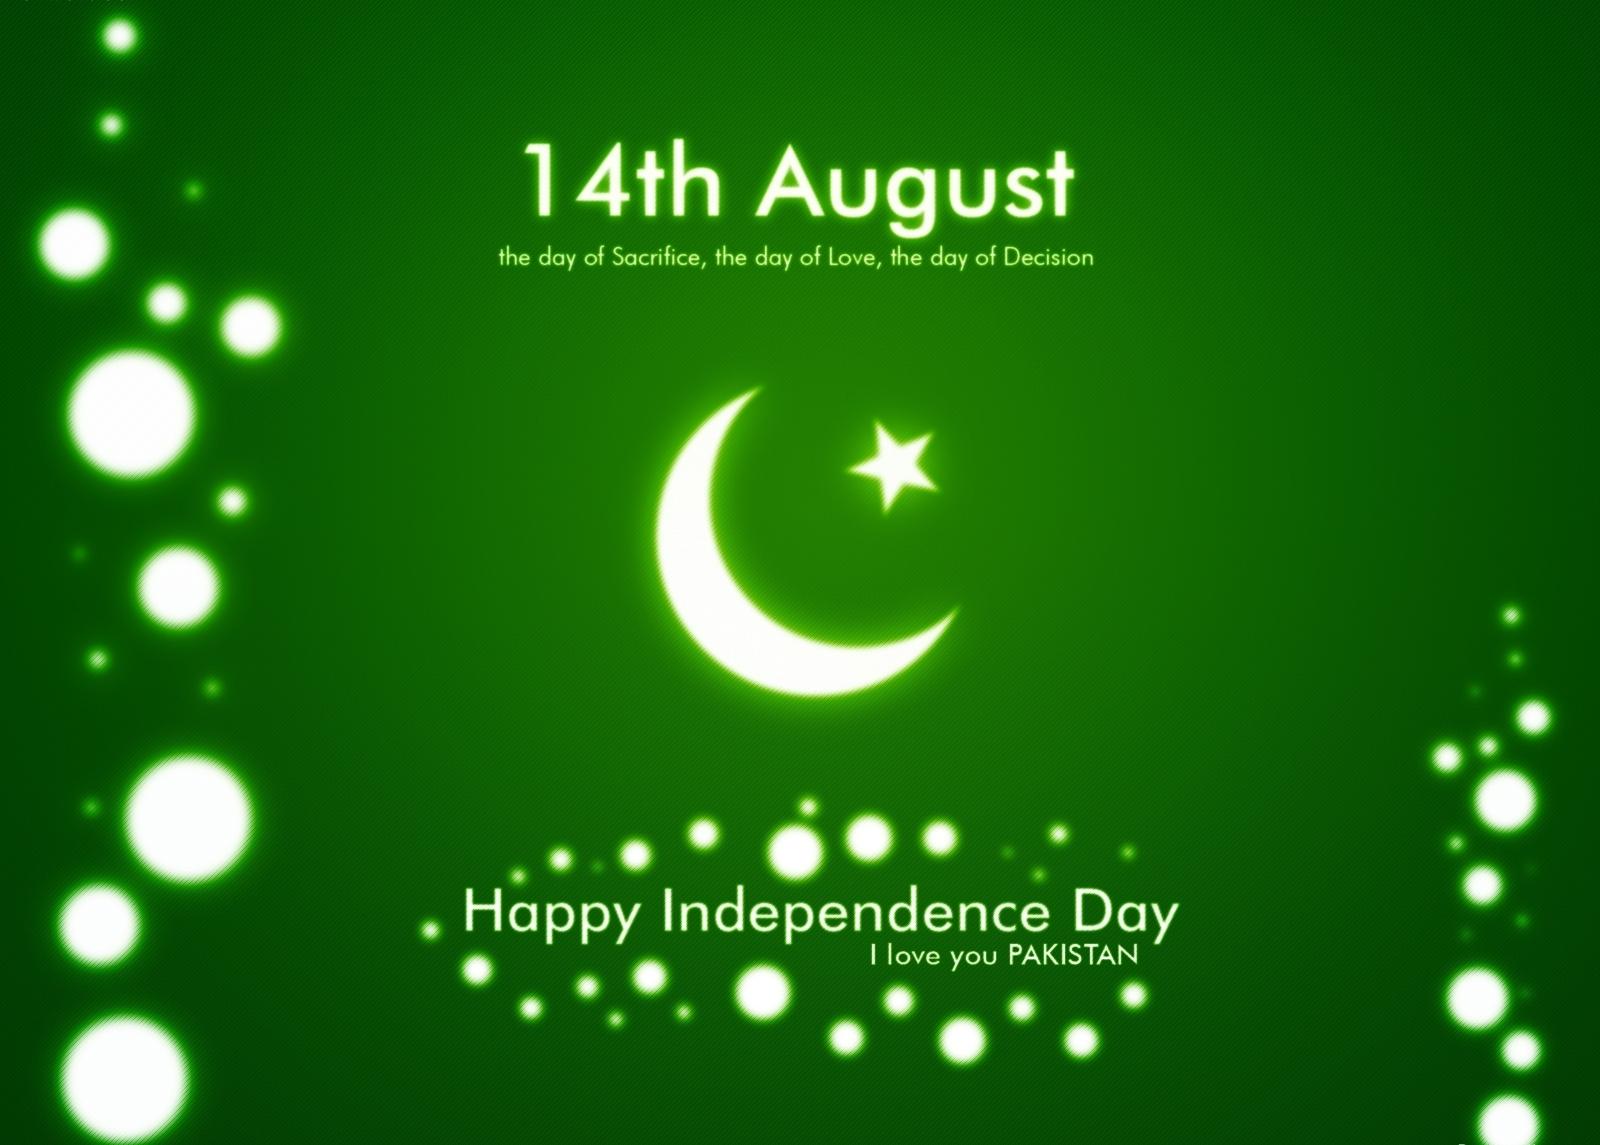 http://2.bp.blogspot.com/-UvqNyefRerA/UYOXt-dDwpI/AAAAAAAACVg/g2SvPn6wYig/s1600/14-august-pakistan-wallpaper.jpg